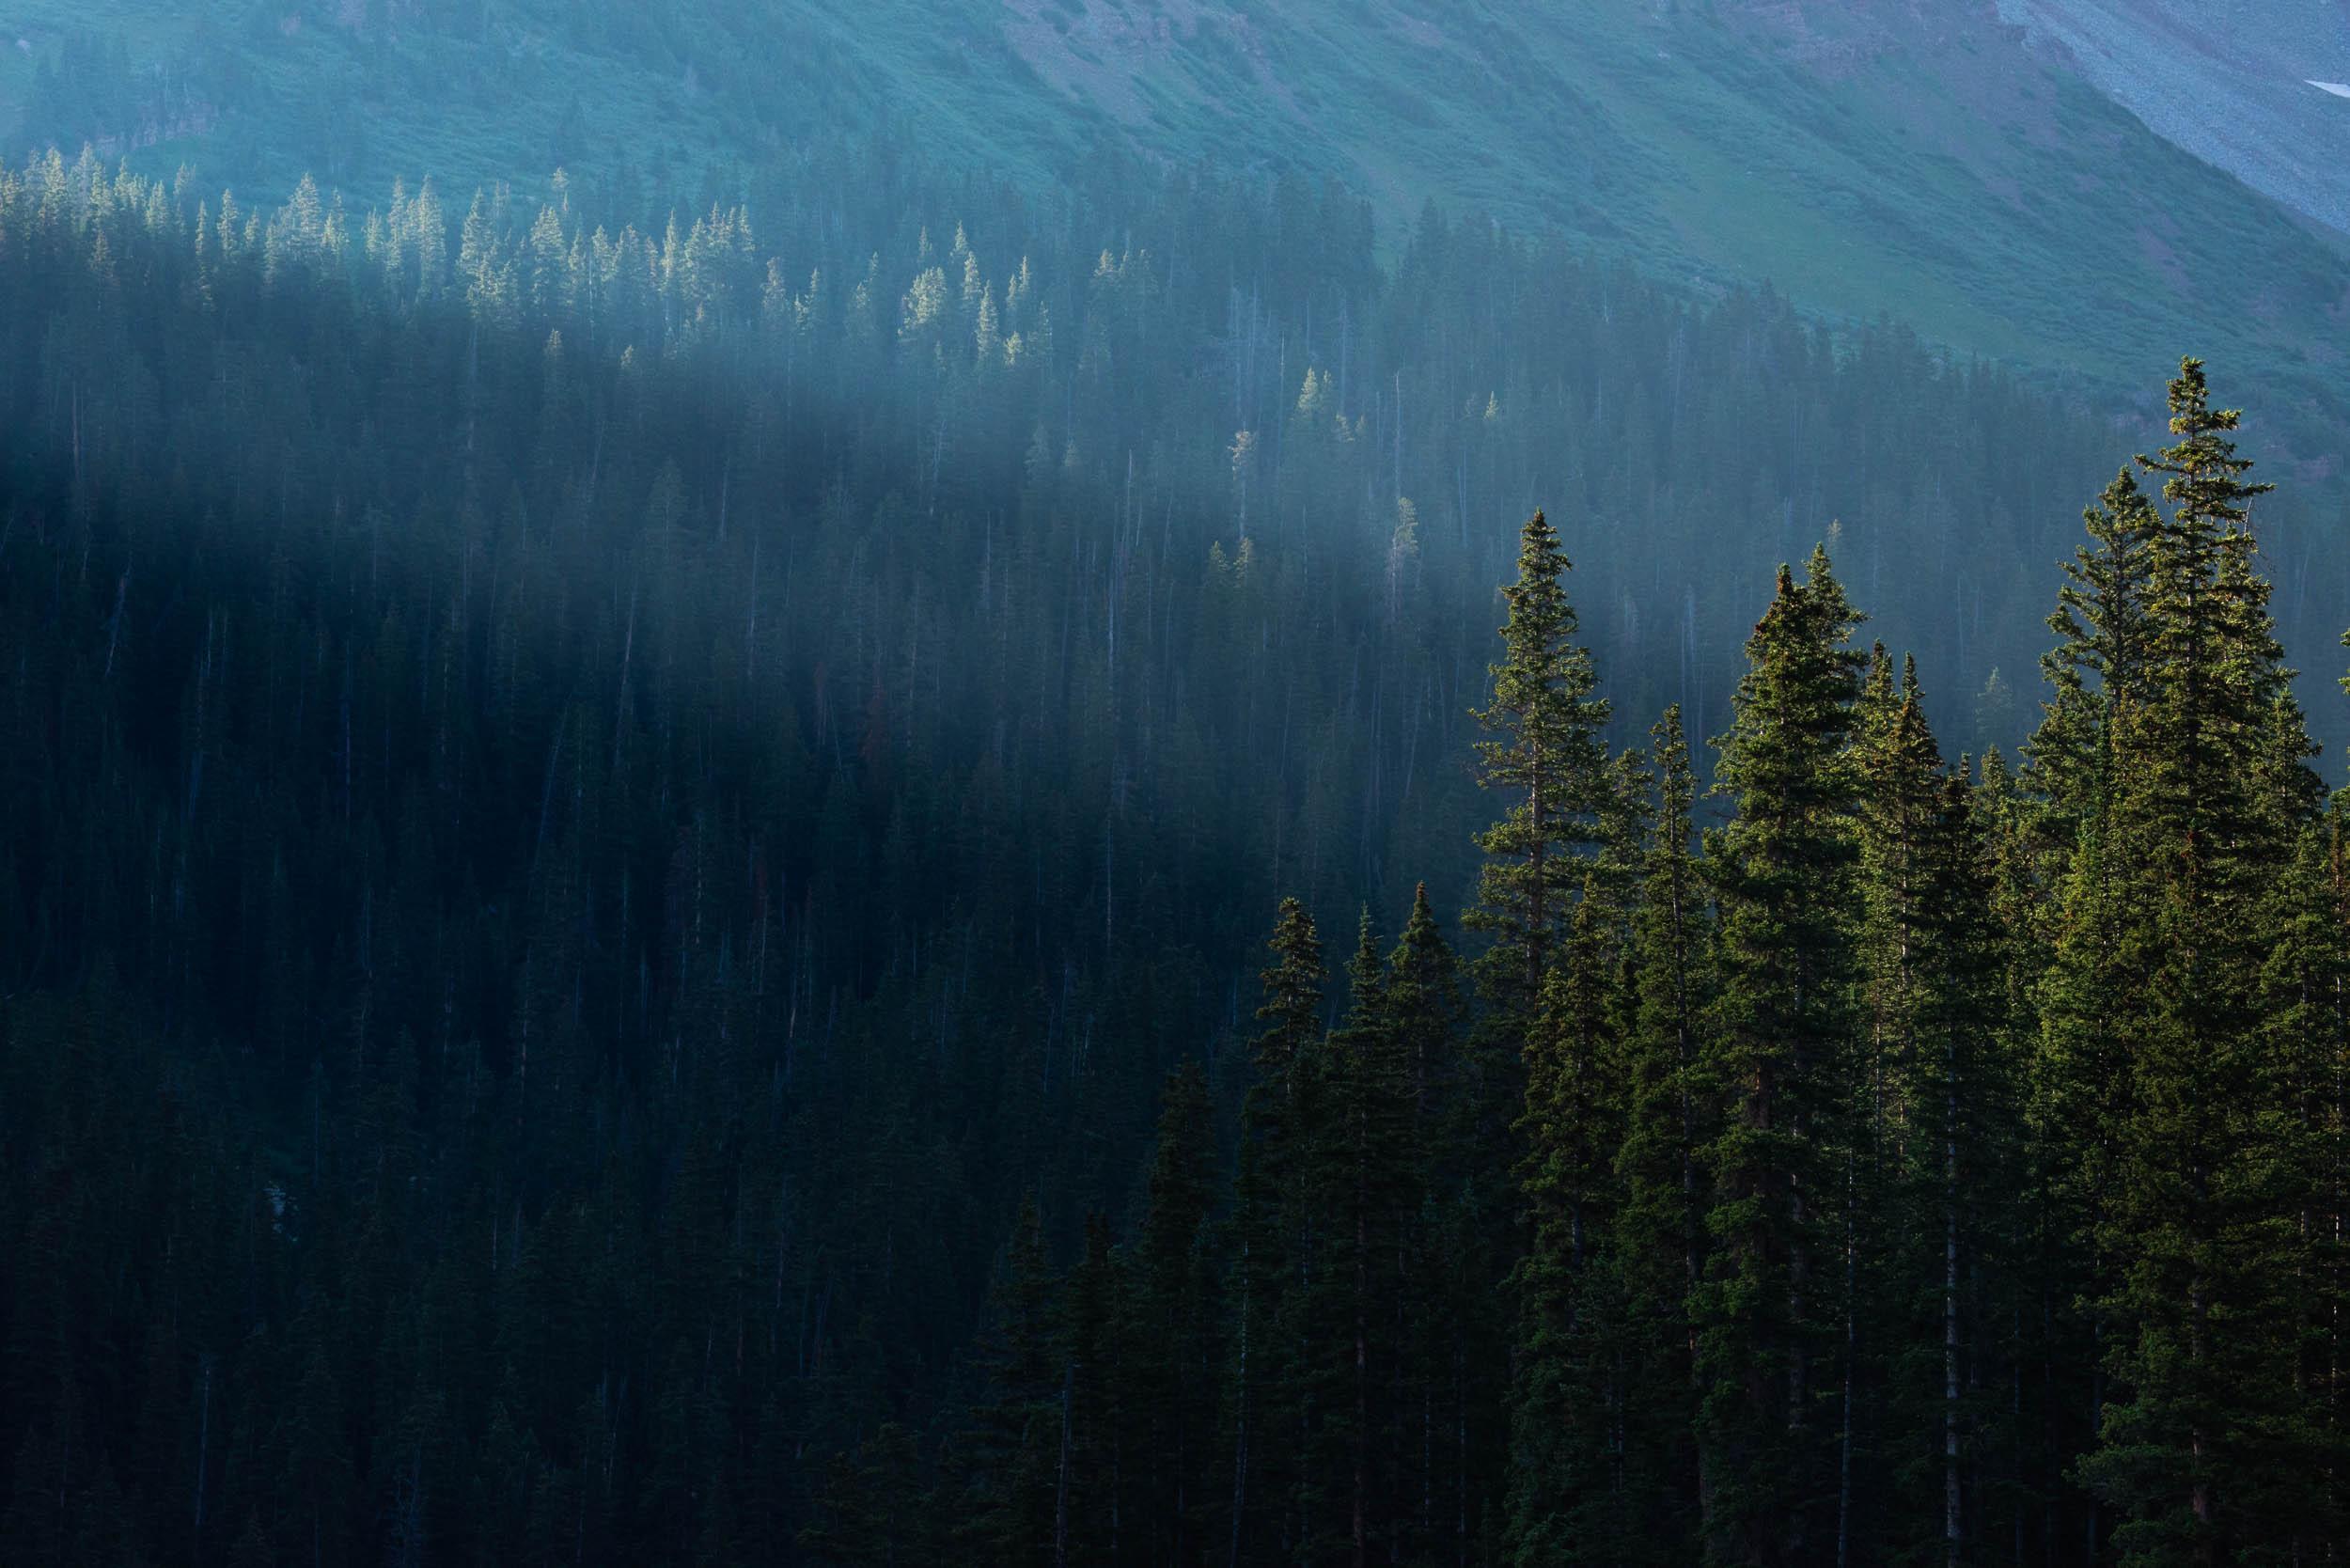 Landscape-color_005.jpg